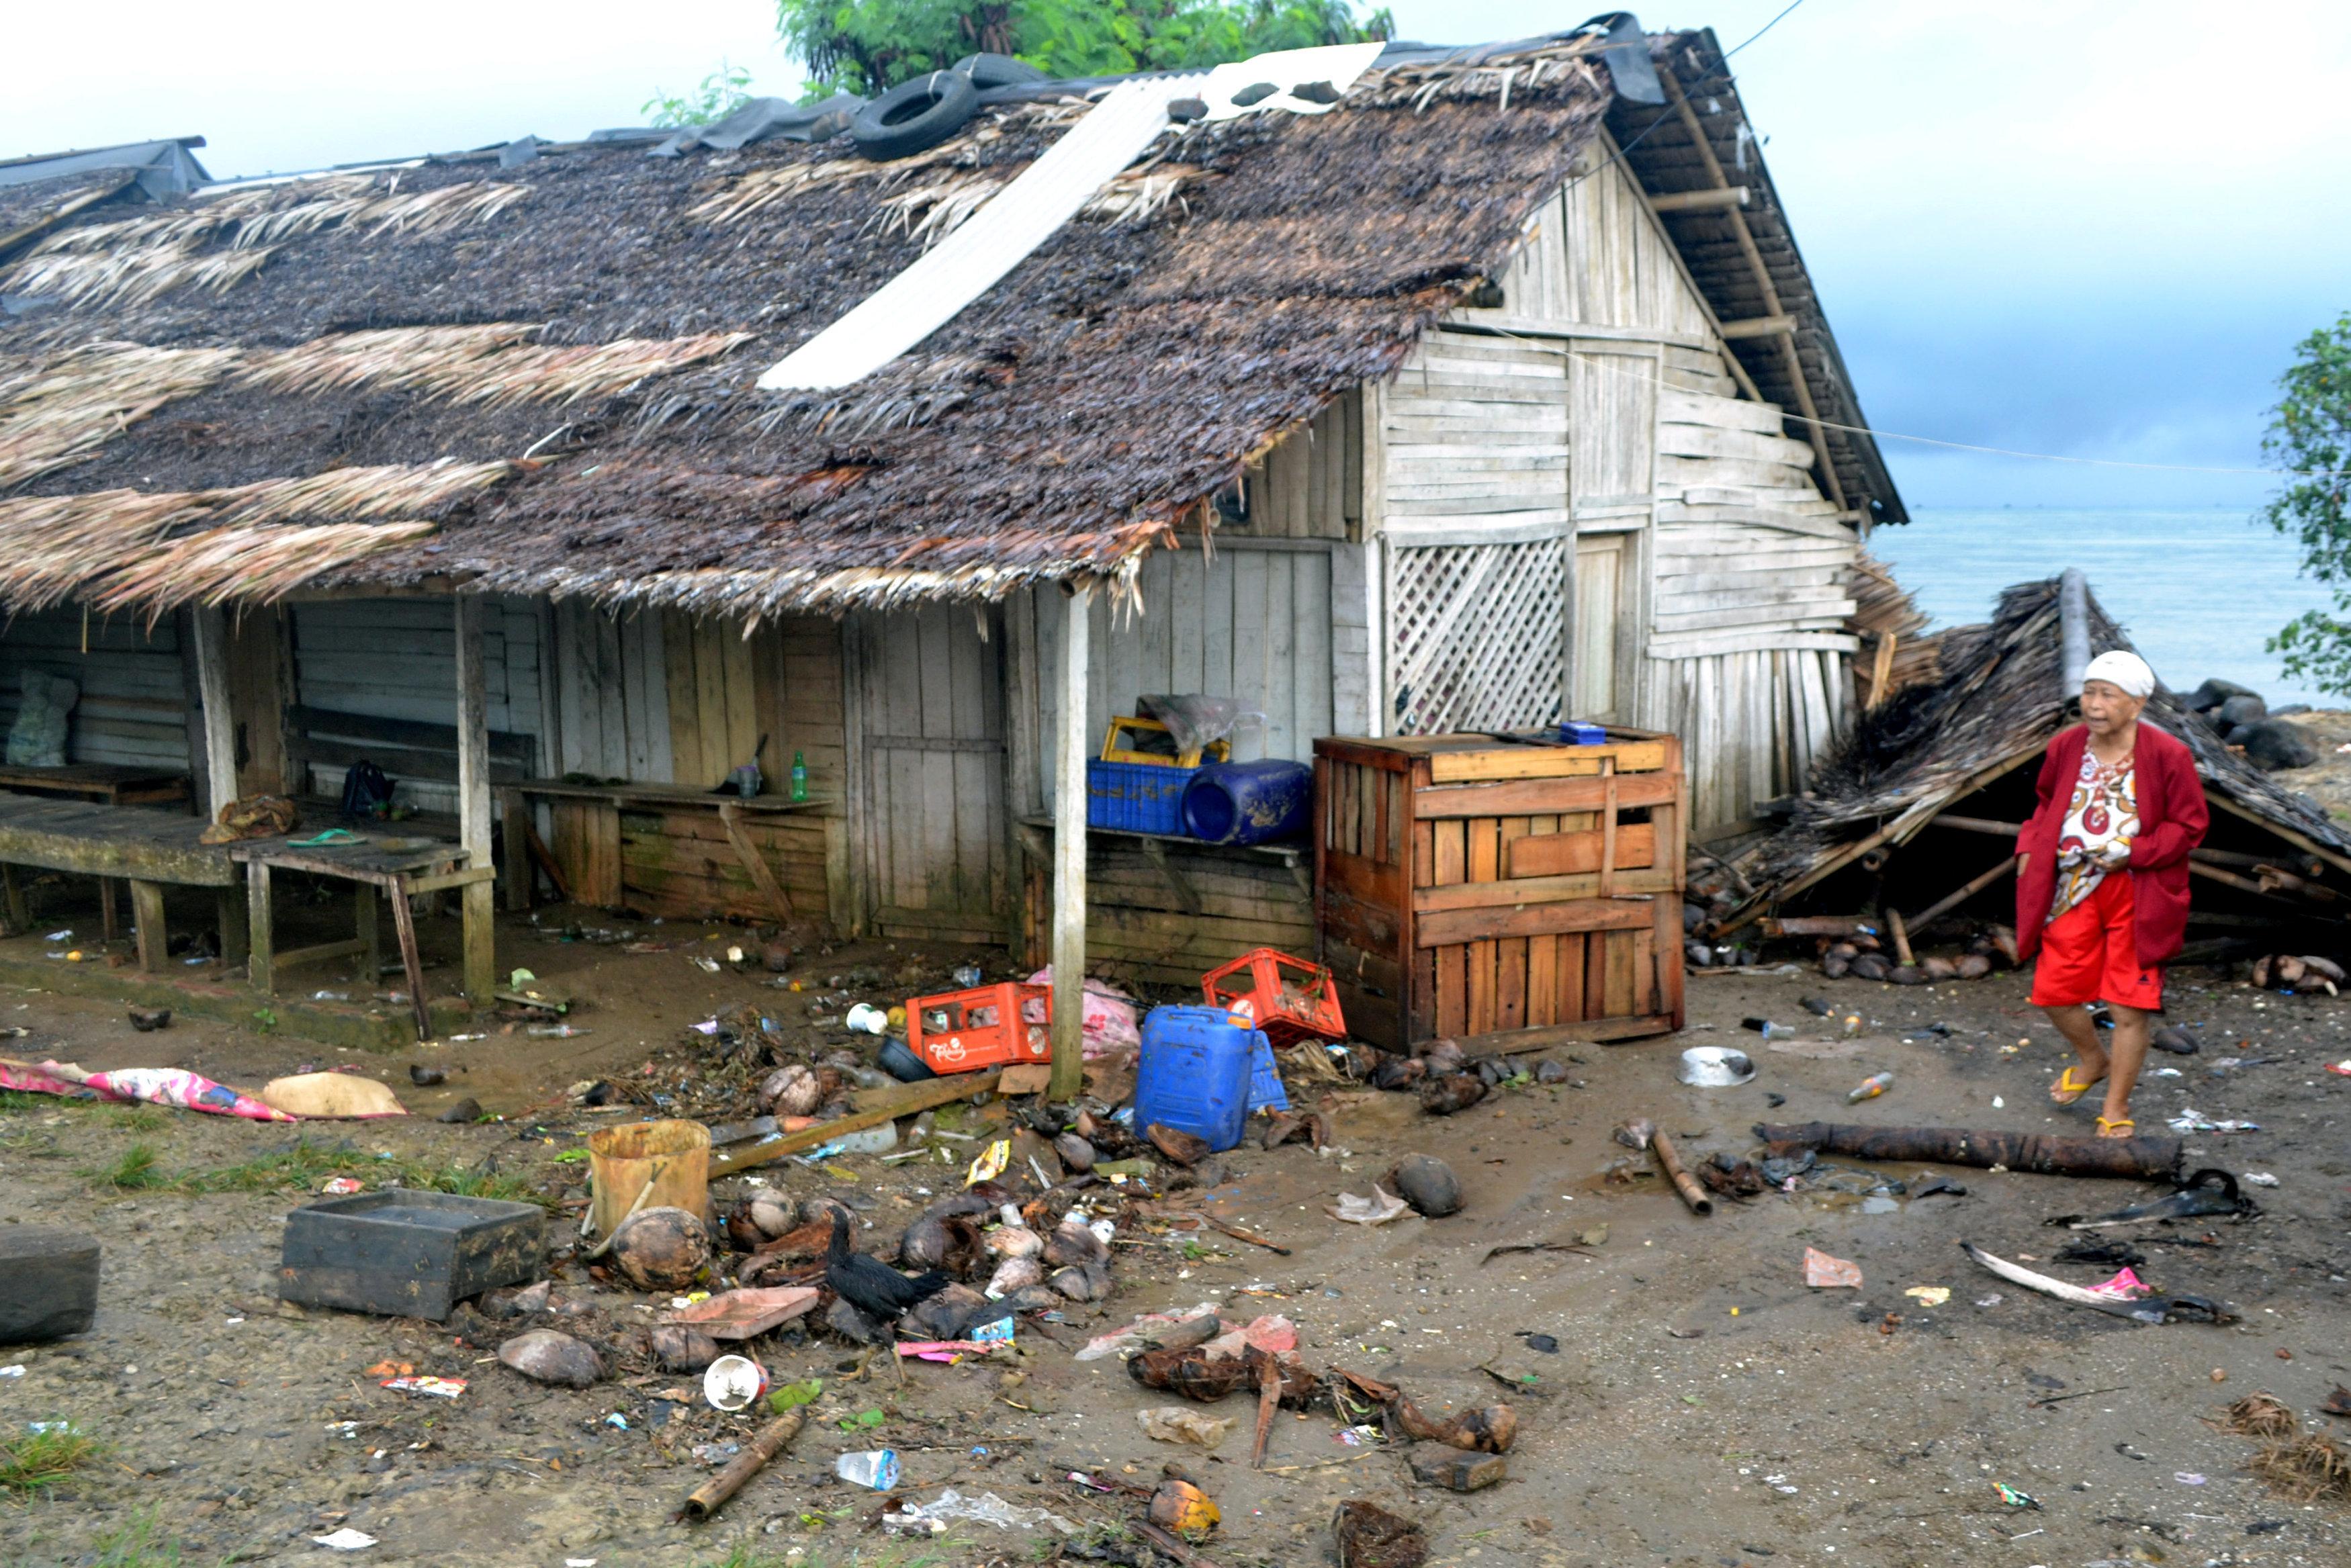 인도네시아에서 화산 활동에 따른 쓰나미로 최소 168명이